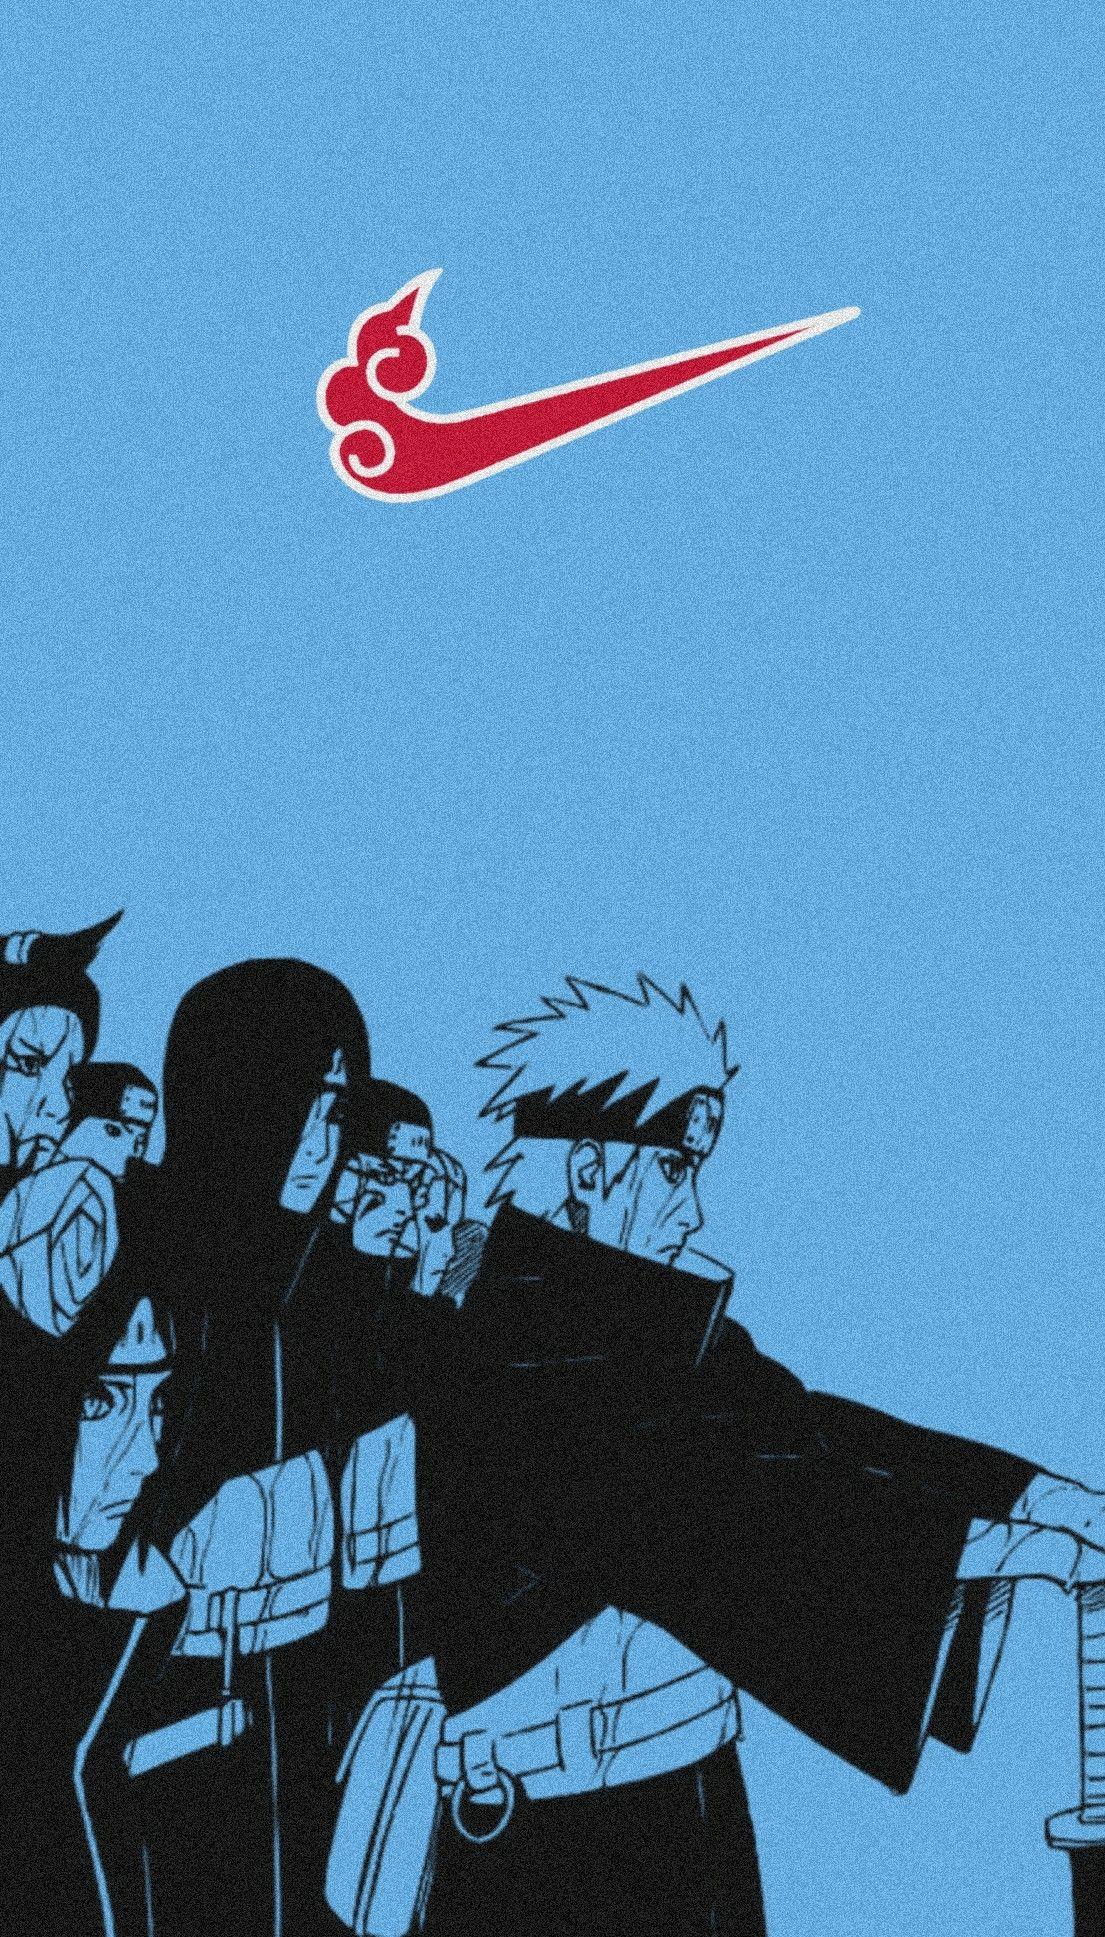 Nike Akatsuki Wallpaper Hd Instagram Vargz7 Naruto Wallpaper Iphone Itachi Uchiha Art Wallpaper Naruto Shippuden